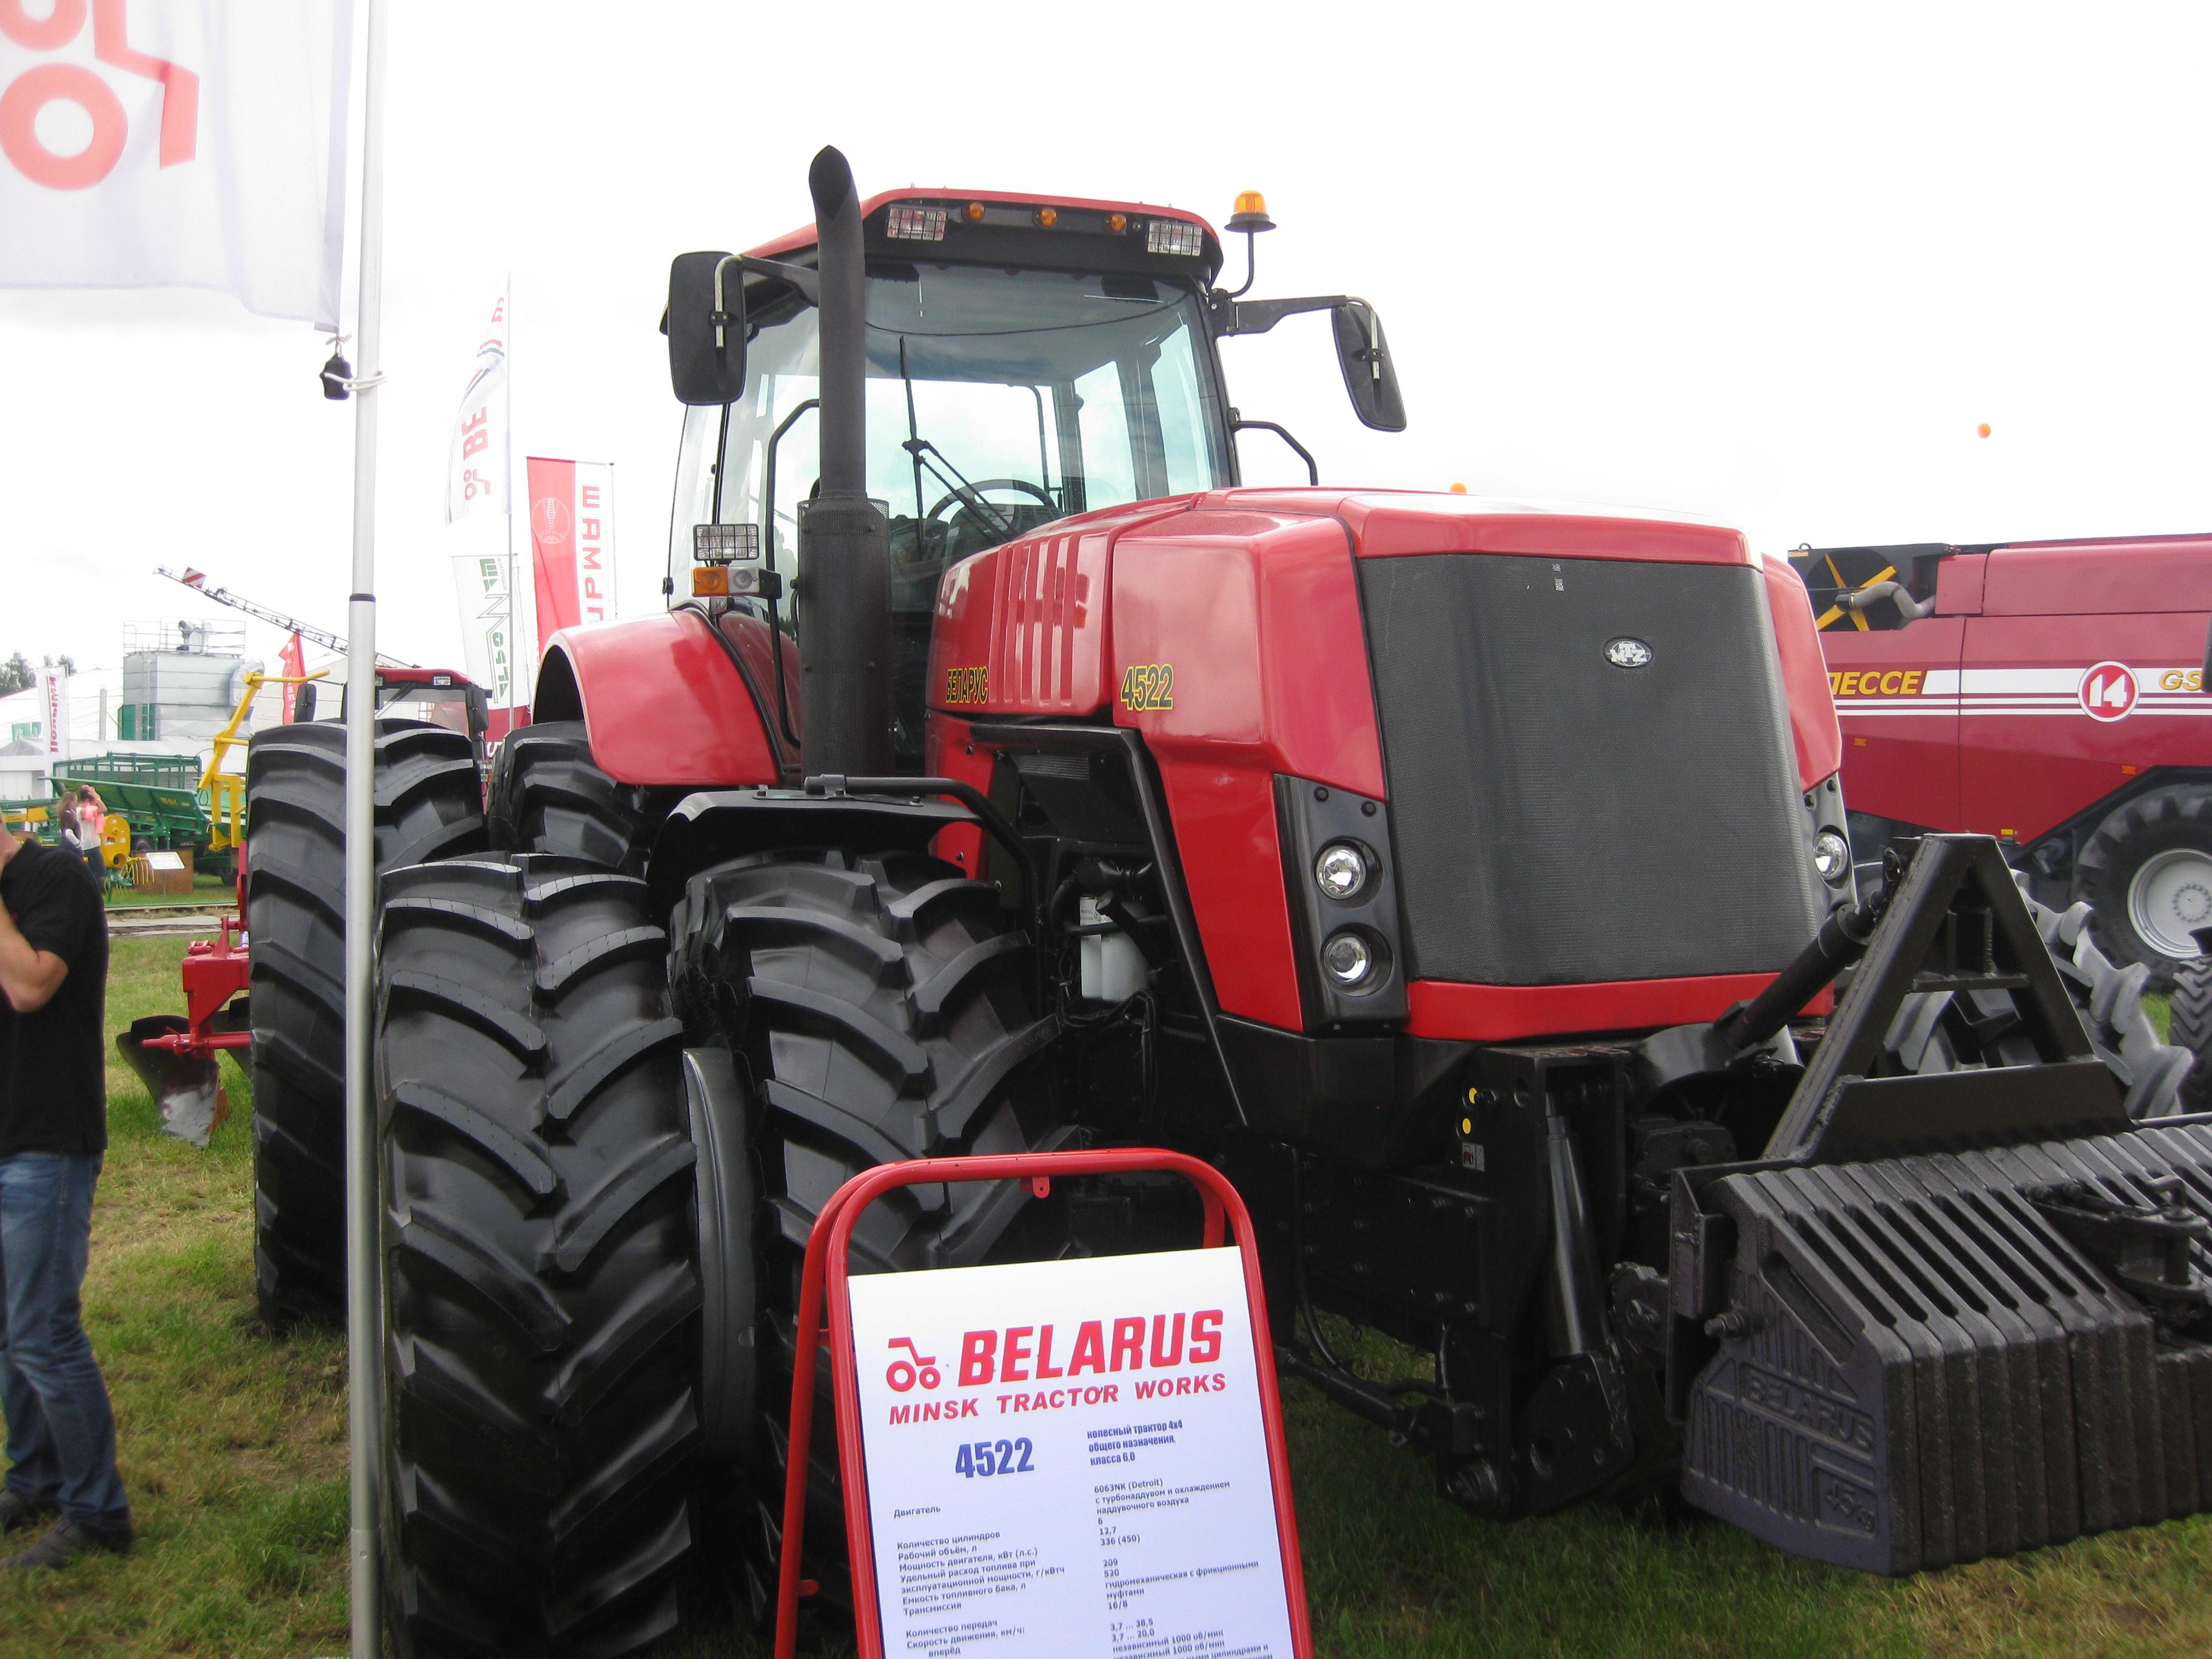 belarus-4522-4